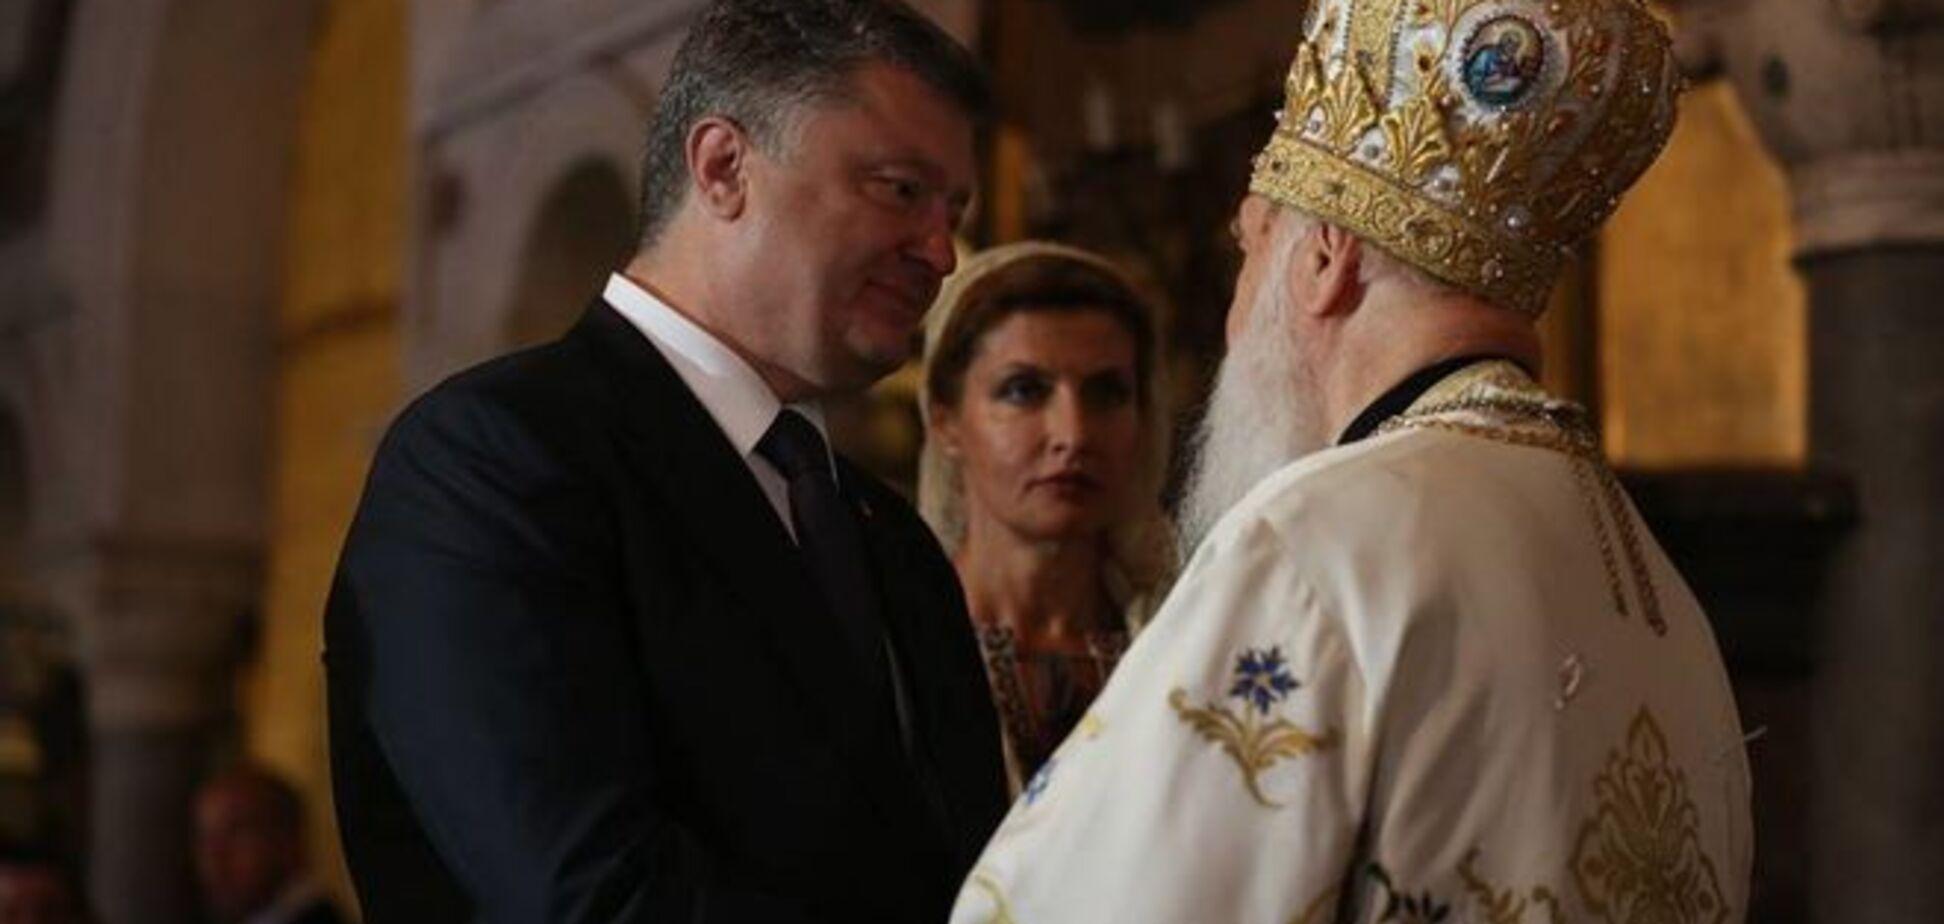 Порошенко с женой посетил литургию во Владимирском соборе: фотофакт